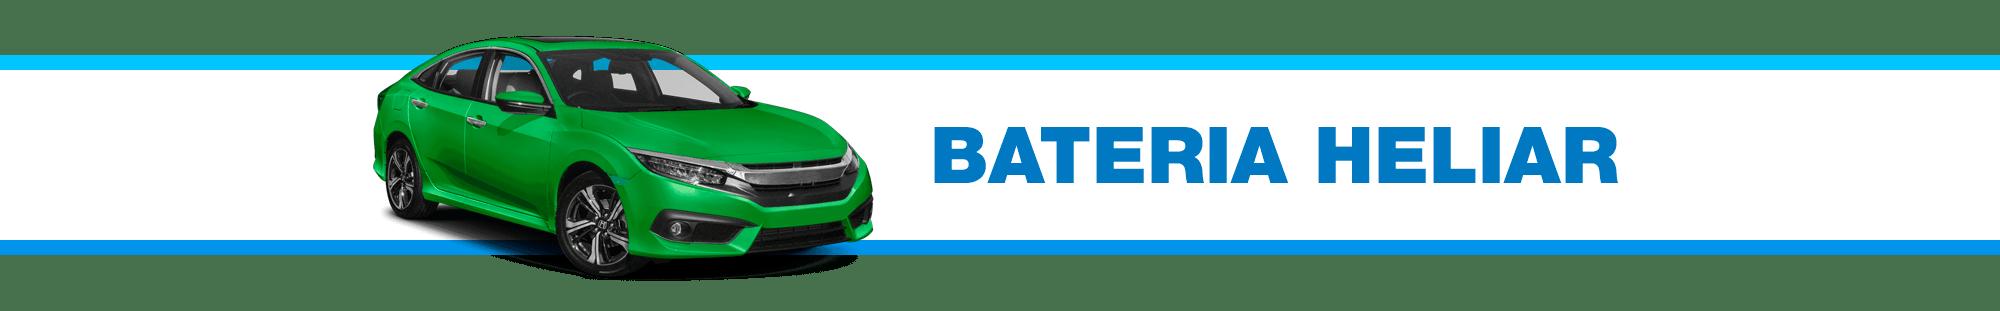 sv-baterias-bateria-heliar-carro